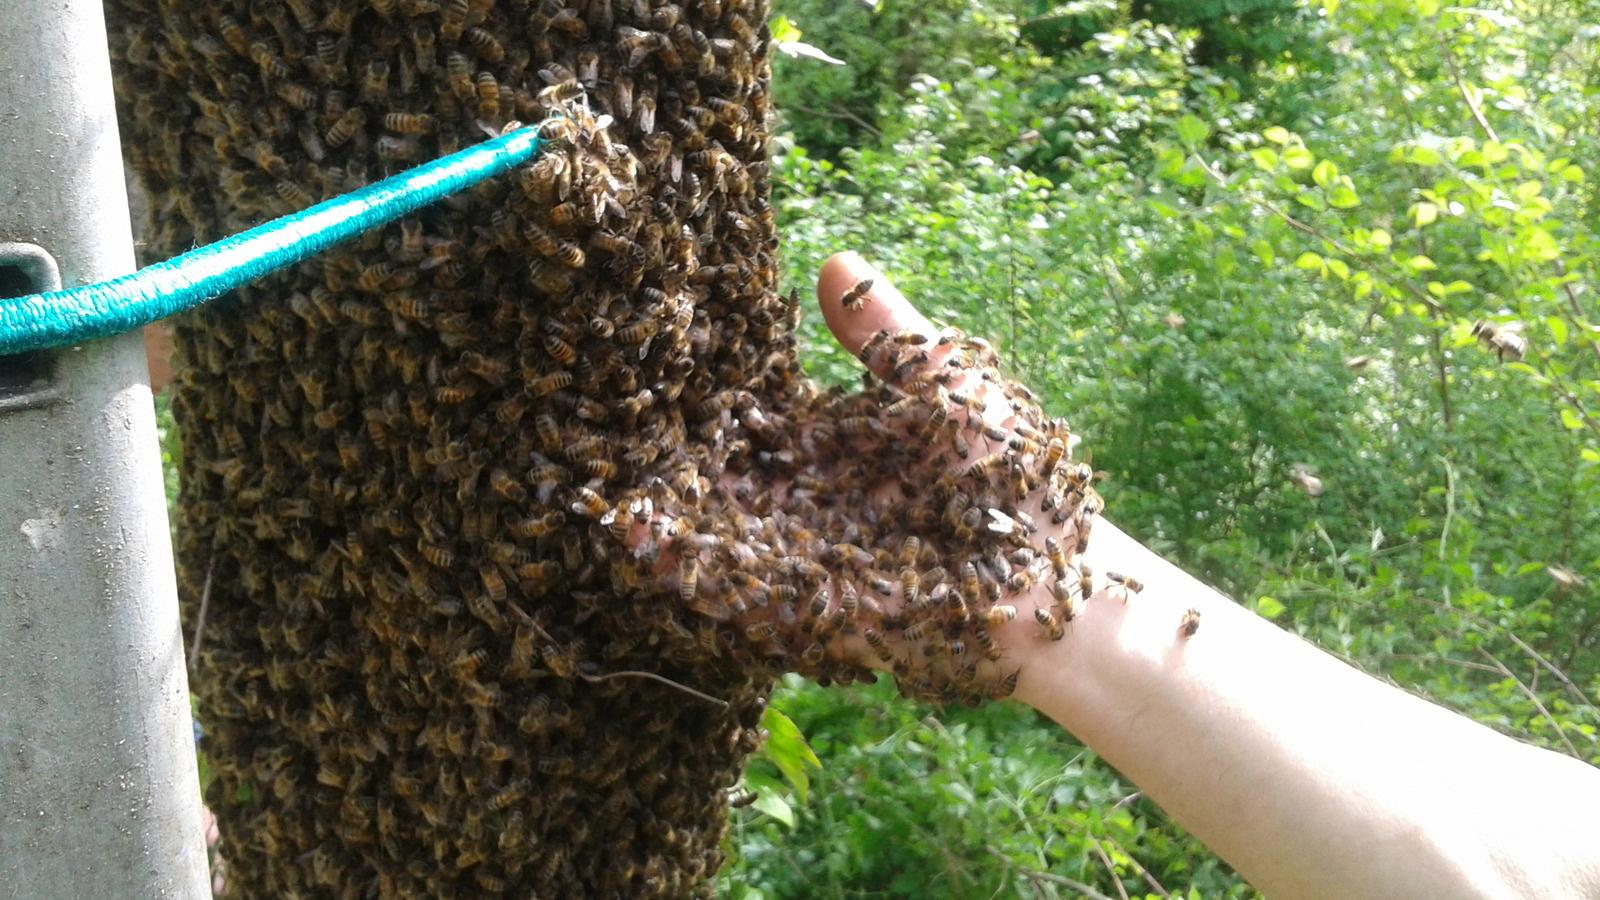 Période d'essaimage des abeilles